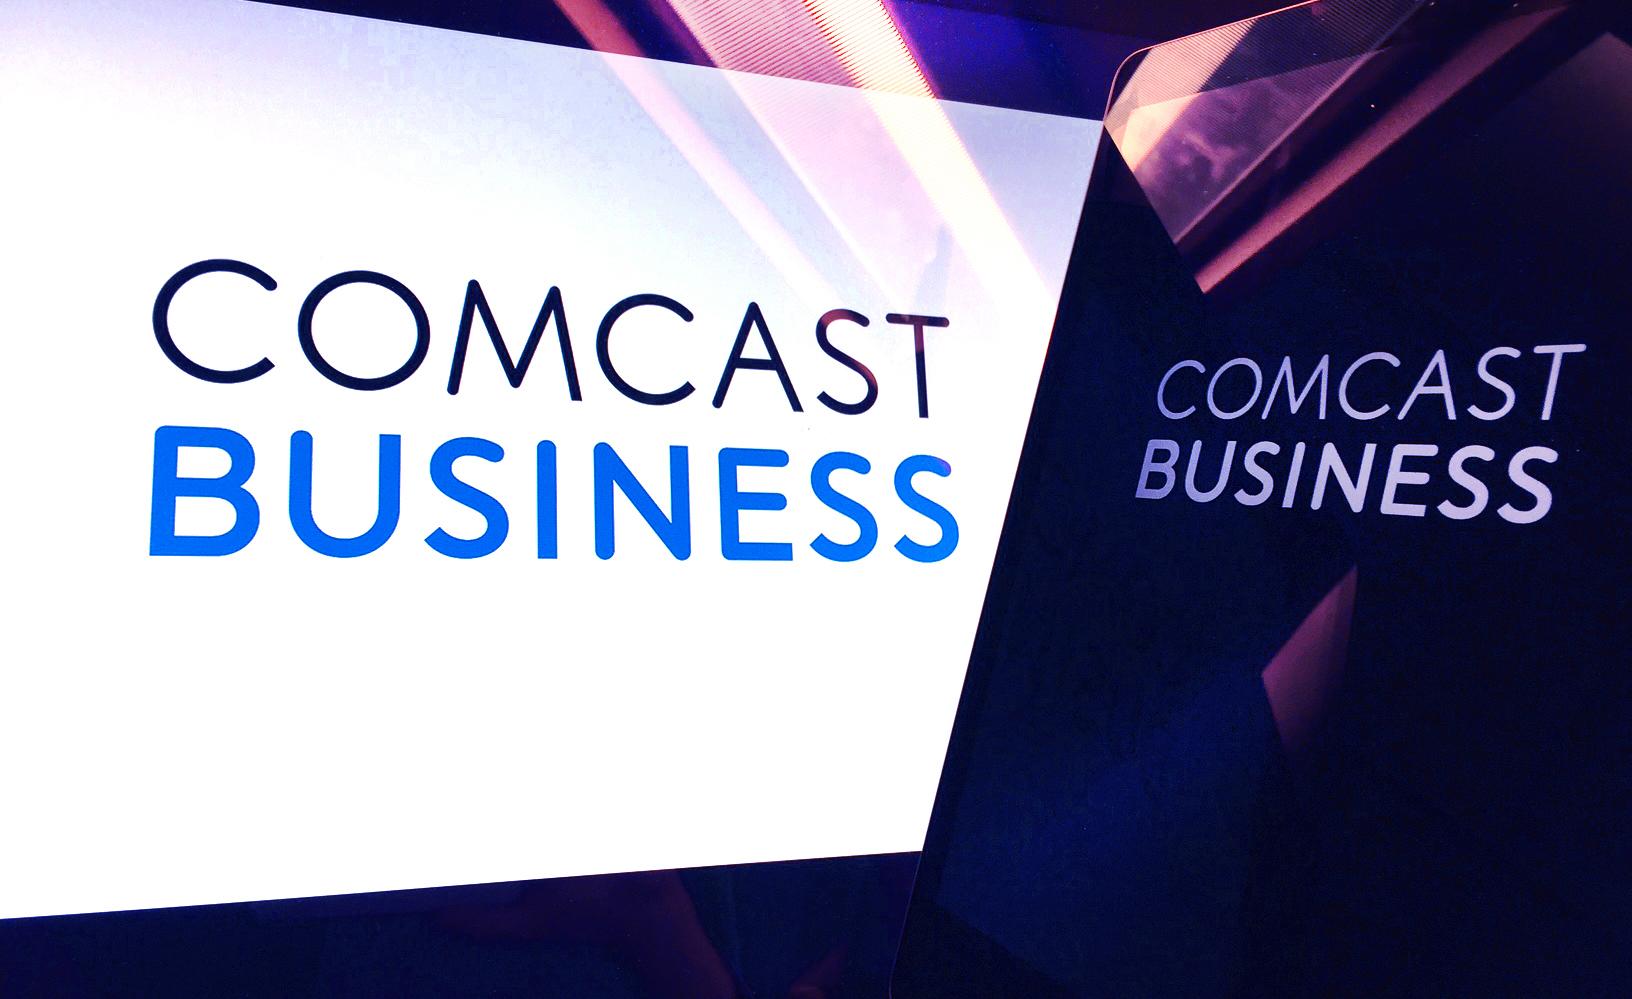 Comcast Rolls out DOCSIS 3 1-Based Gigabit Internet Service